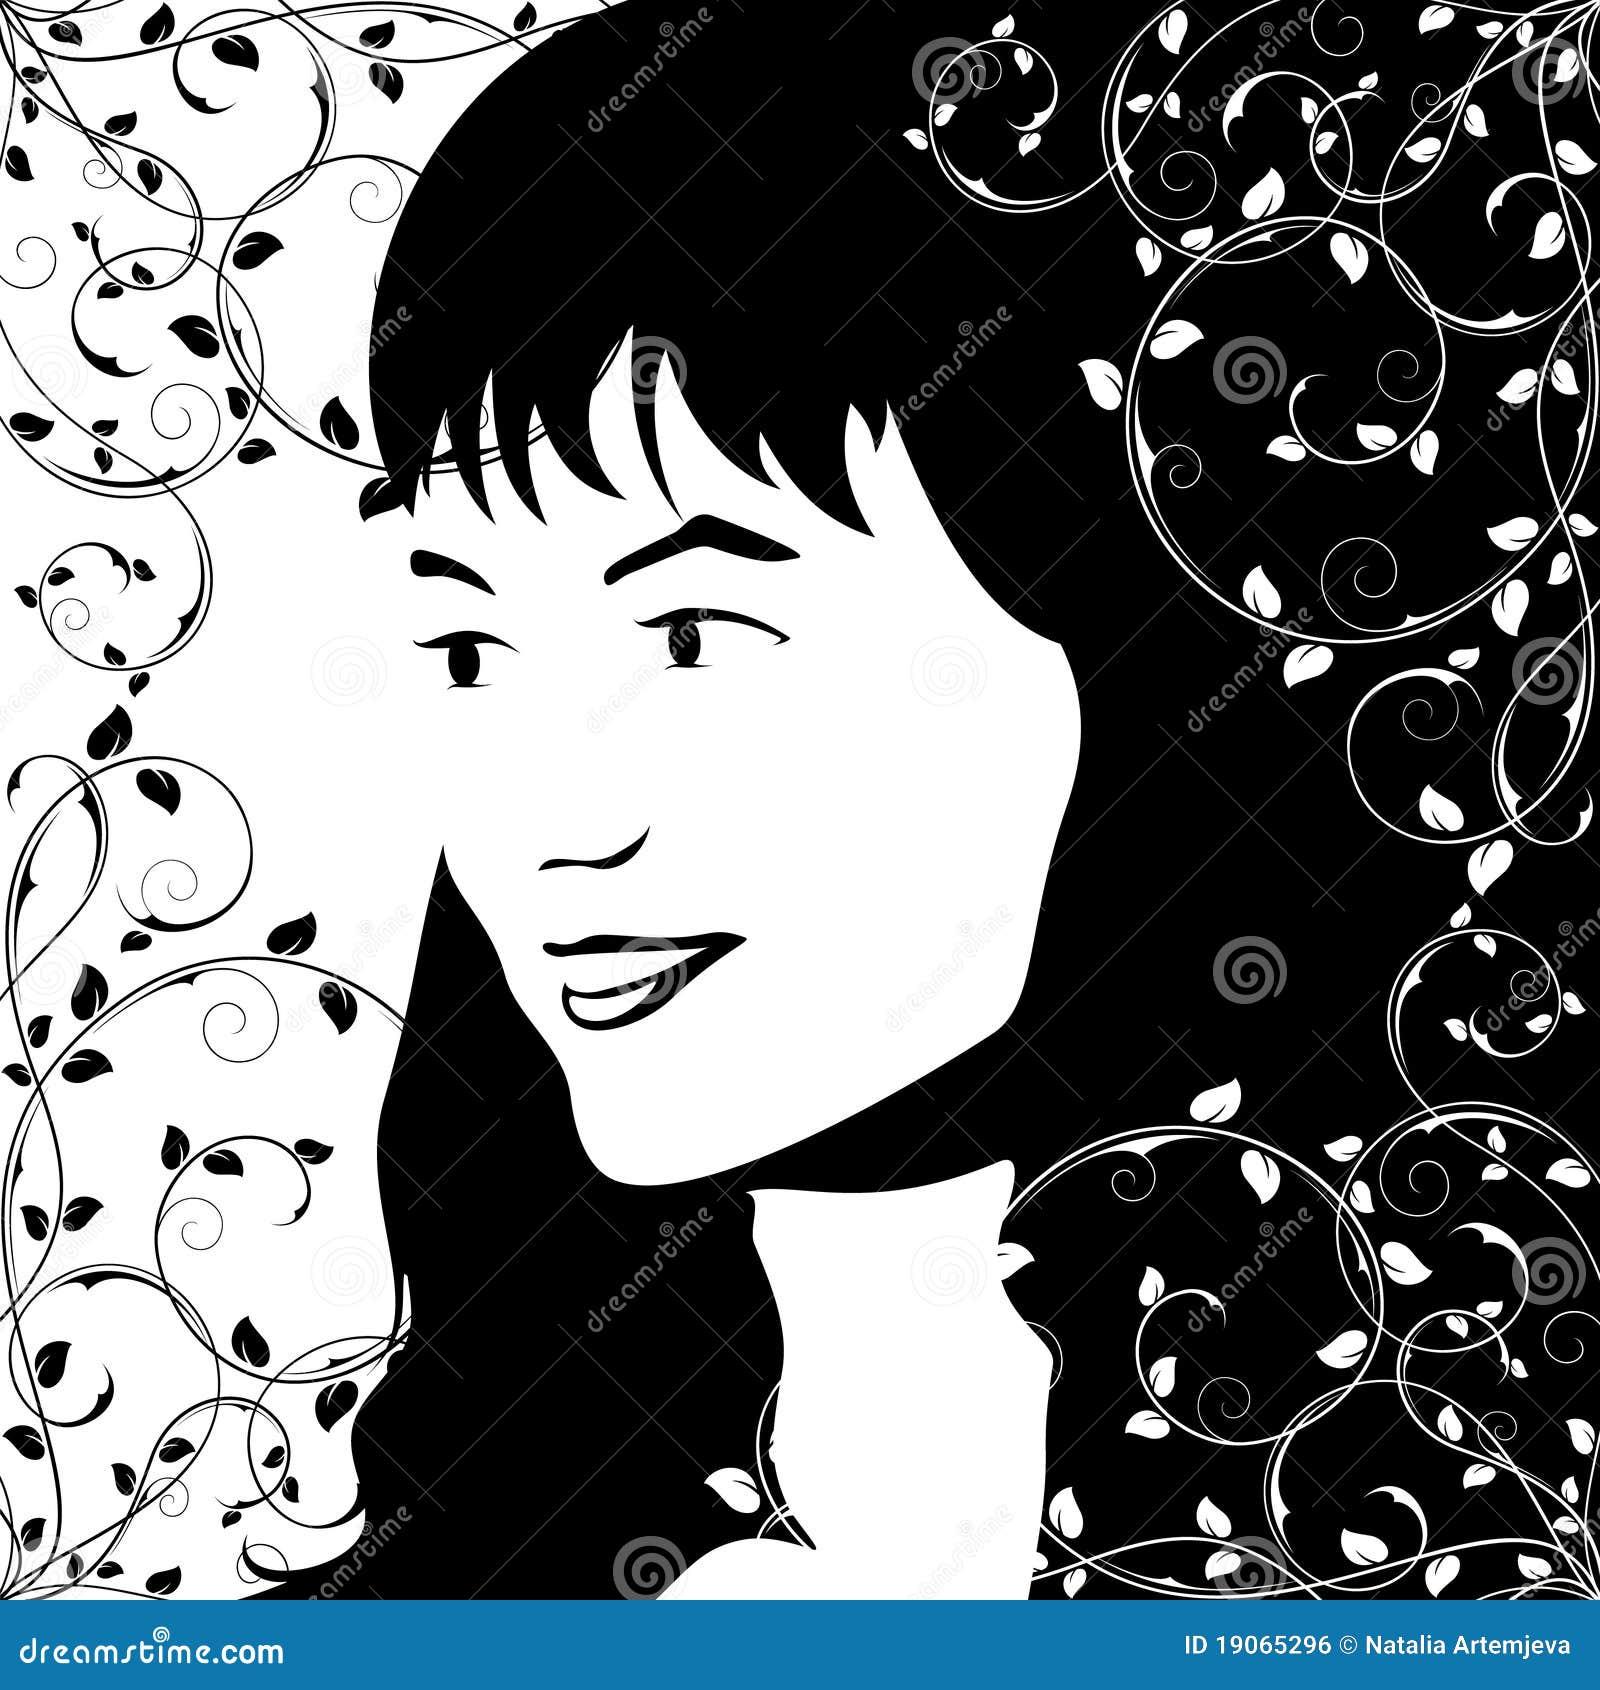 Girl s face